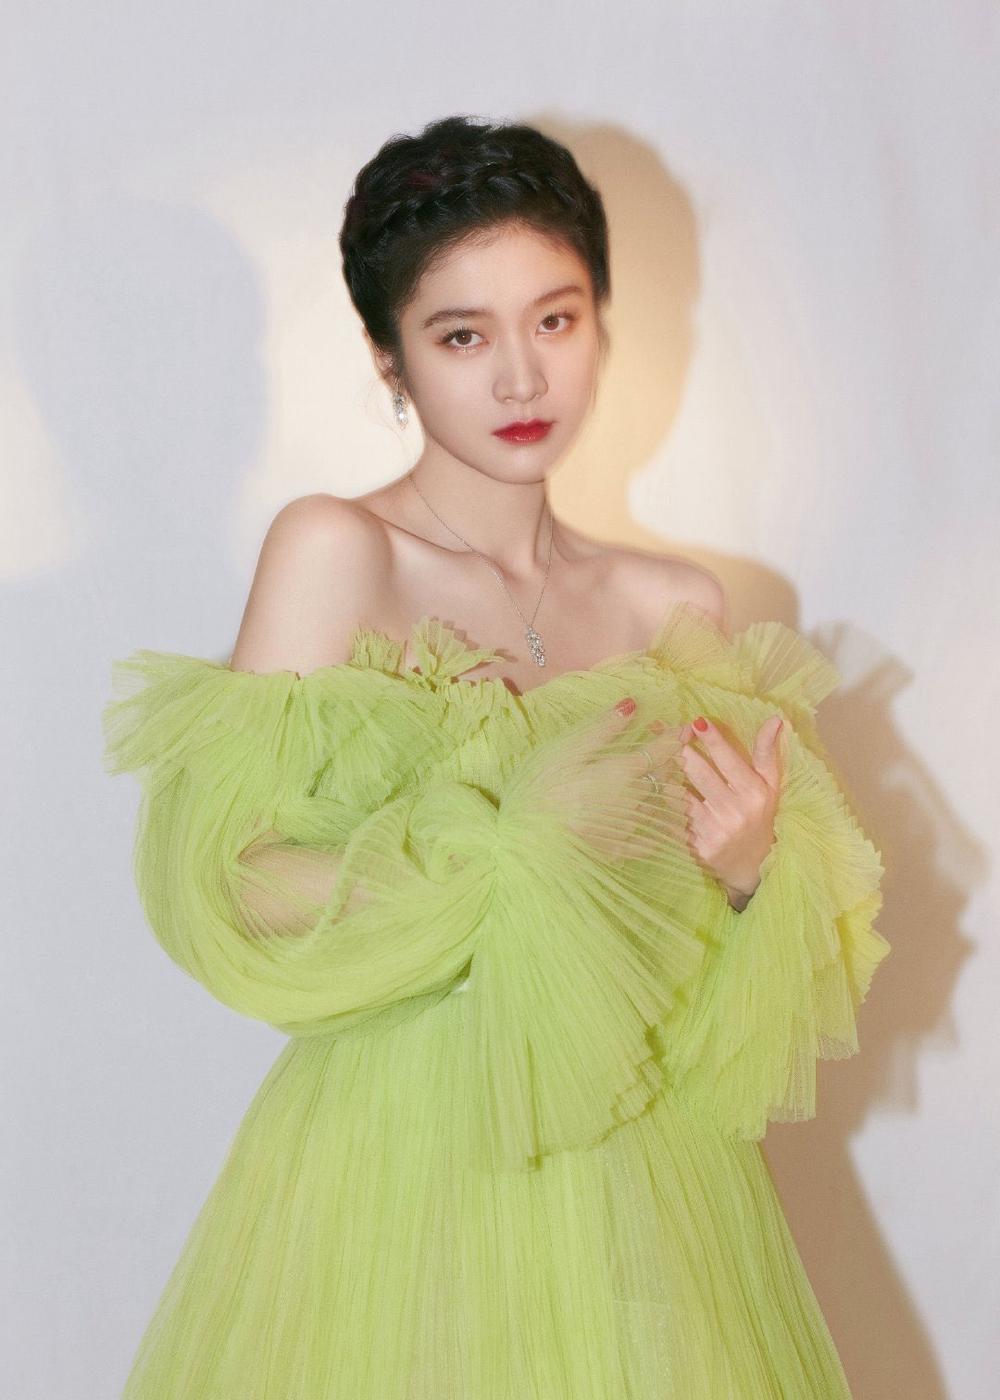 'Đêm hội ELLE 2020': Cận cảnh nhan sắc đẹp nao lòng của Dương Mịch, Cổ Lực Na Trát, Đường Yên và loạt sao Cbiz Ảnh 36